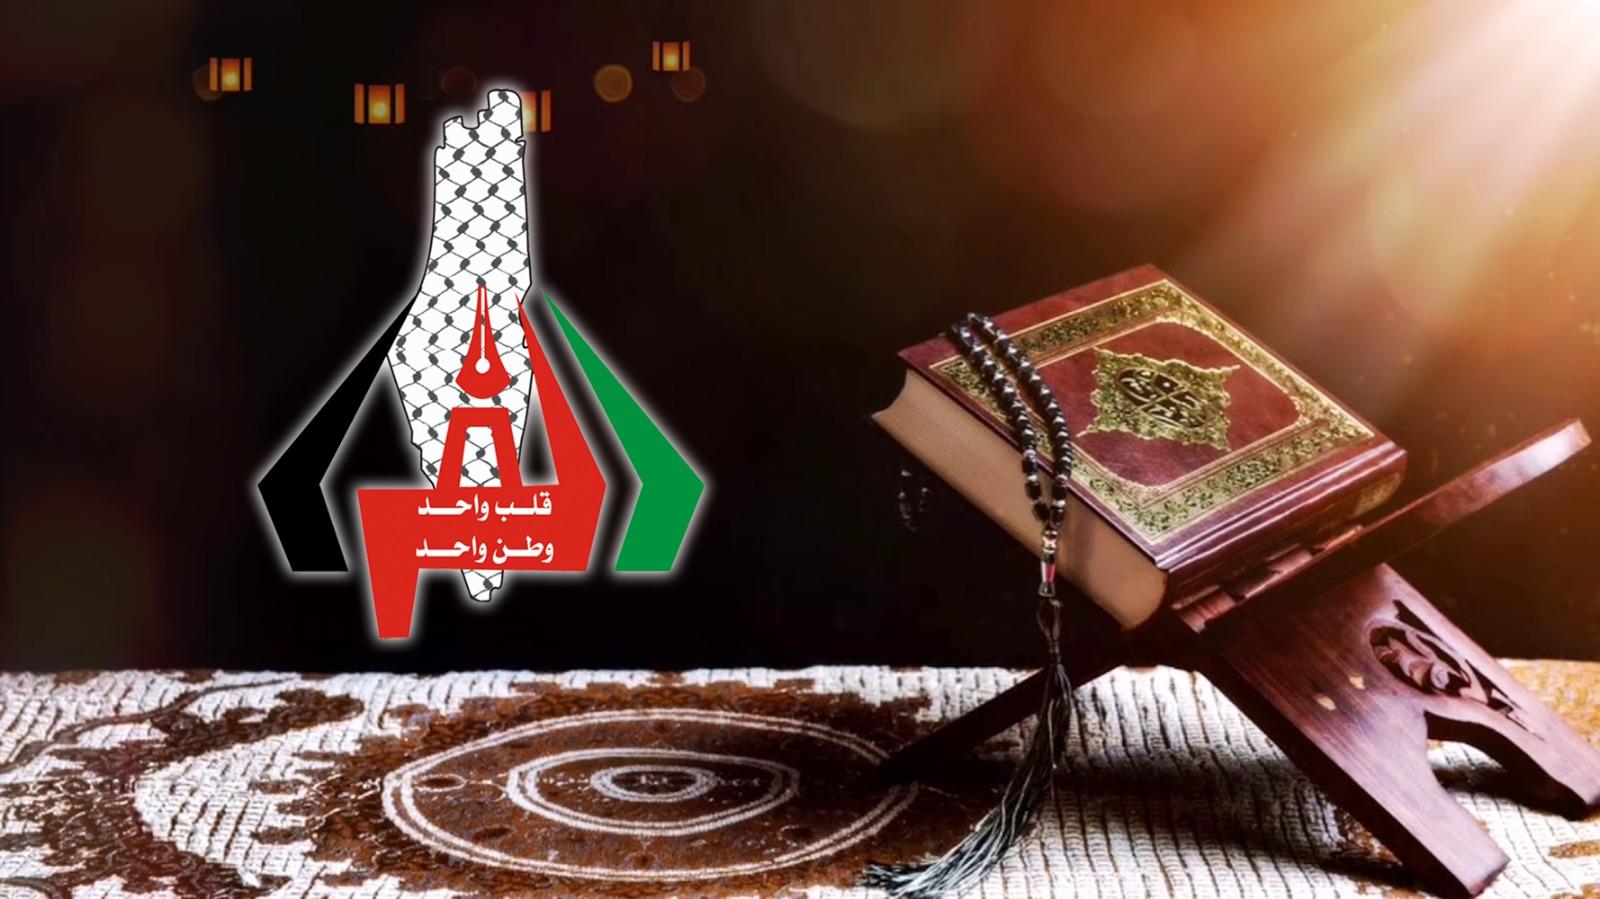 حصول السيدة عبير محمود الفرا على إجازة السند المتصل